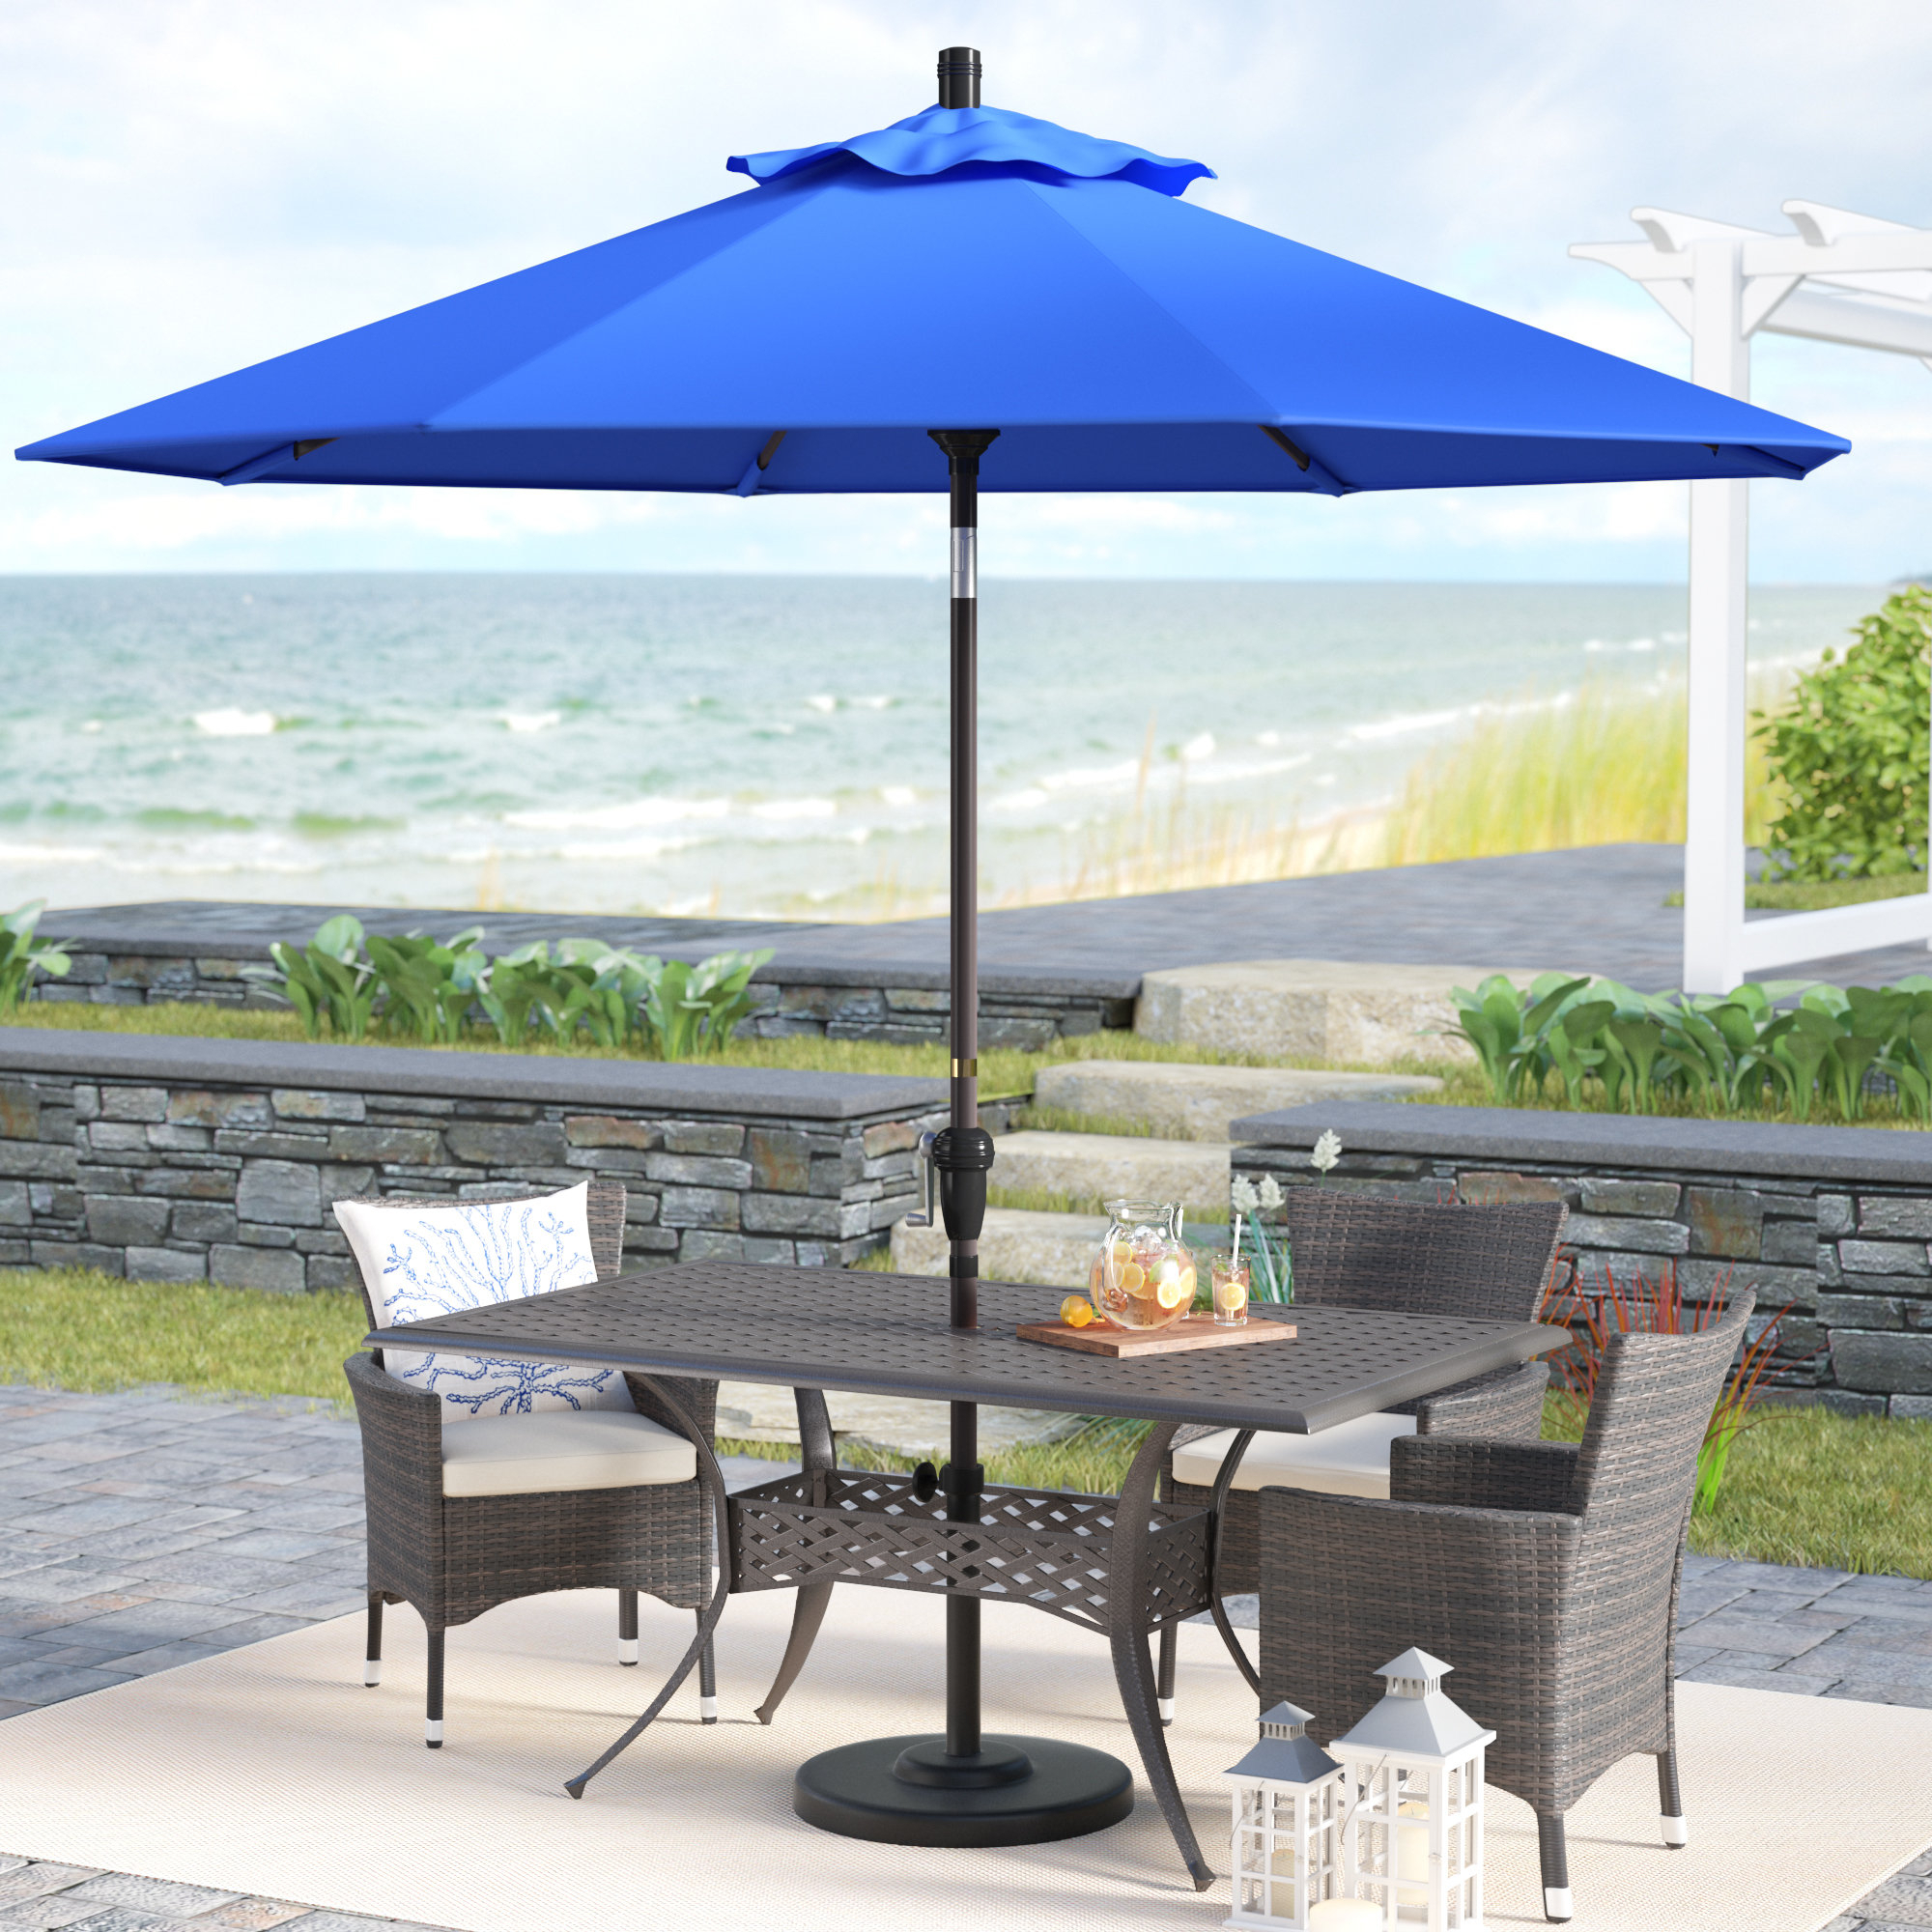 Mullaney 9' Market Sunbrella Umbrella Intended For Latest Mullaney Market Sunbrella Umbrellas (Gallery 1 of 20)